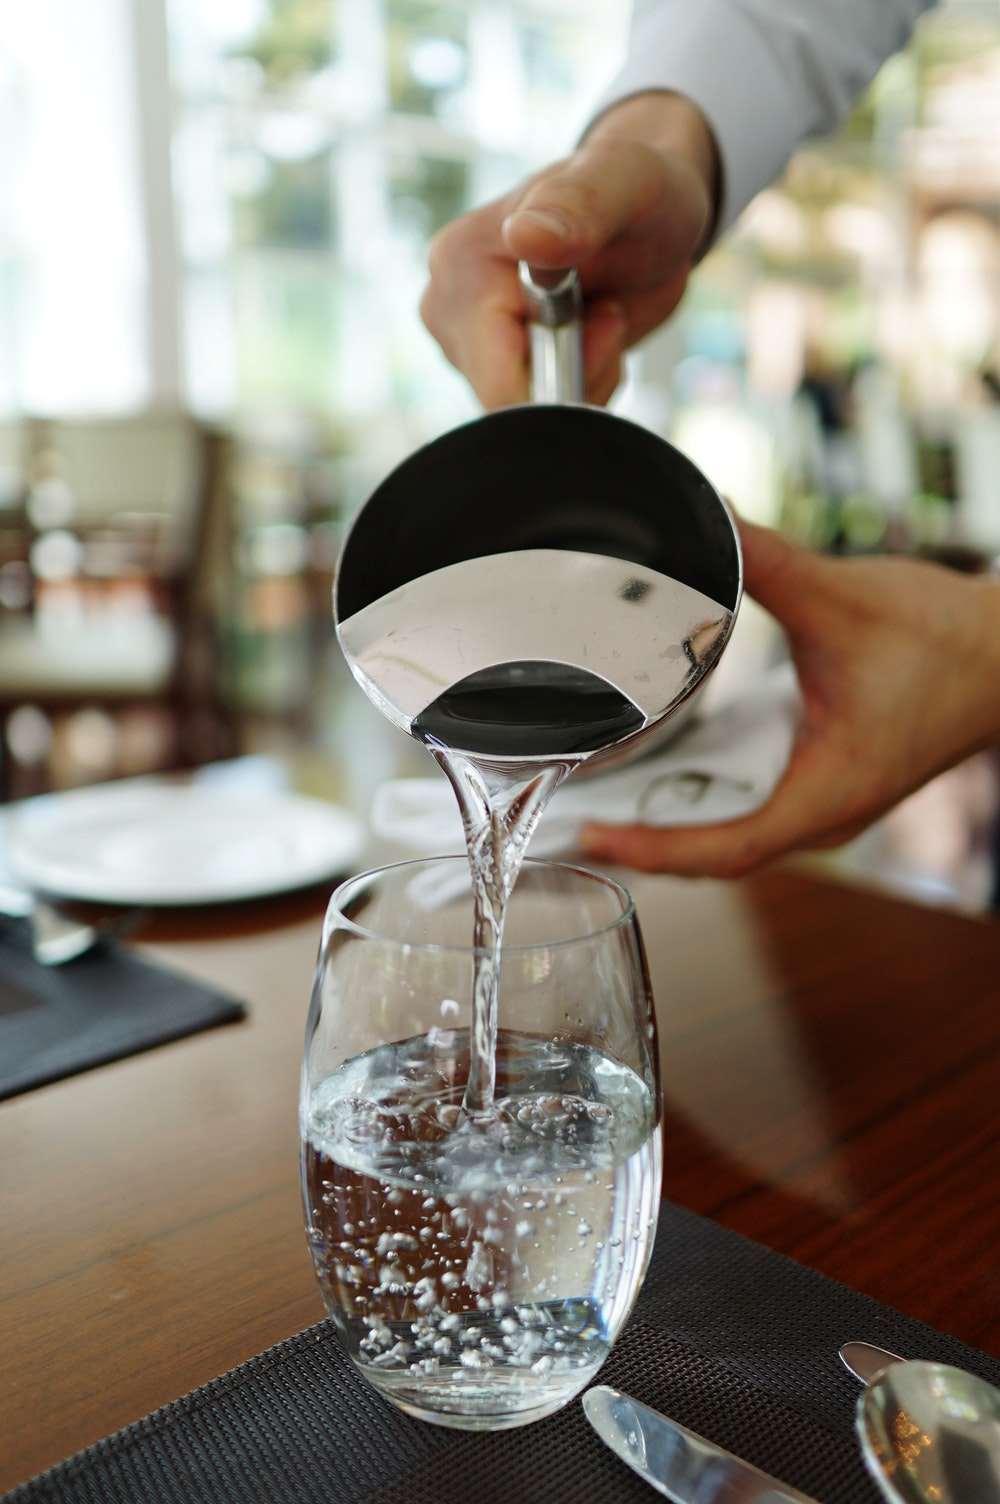 jug-of-water-in-restaurant